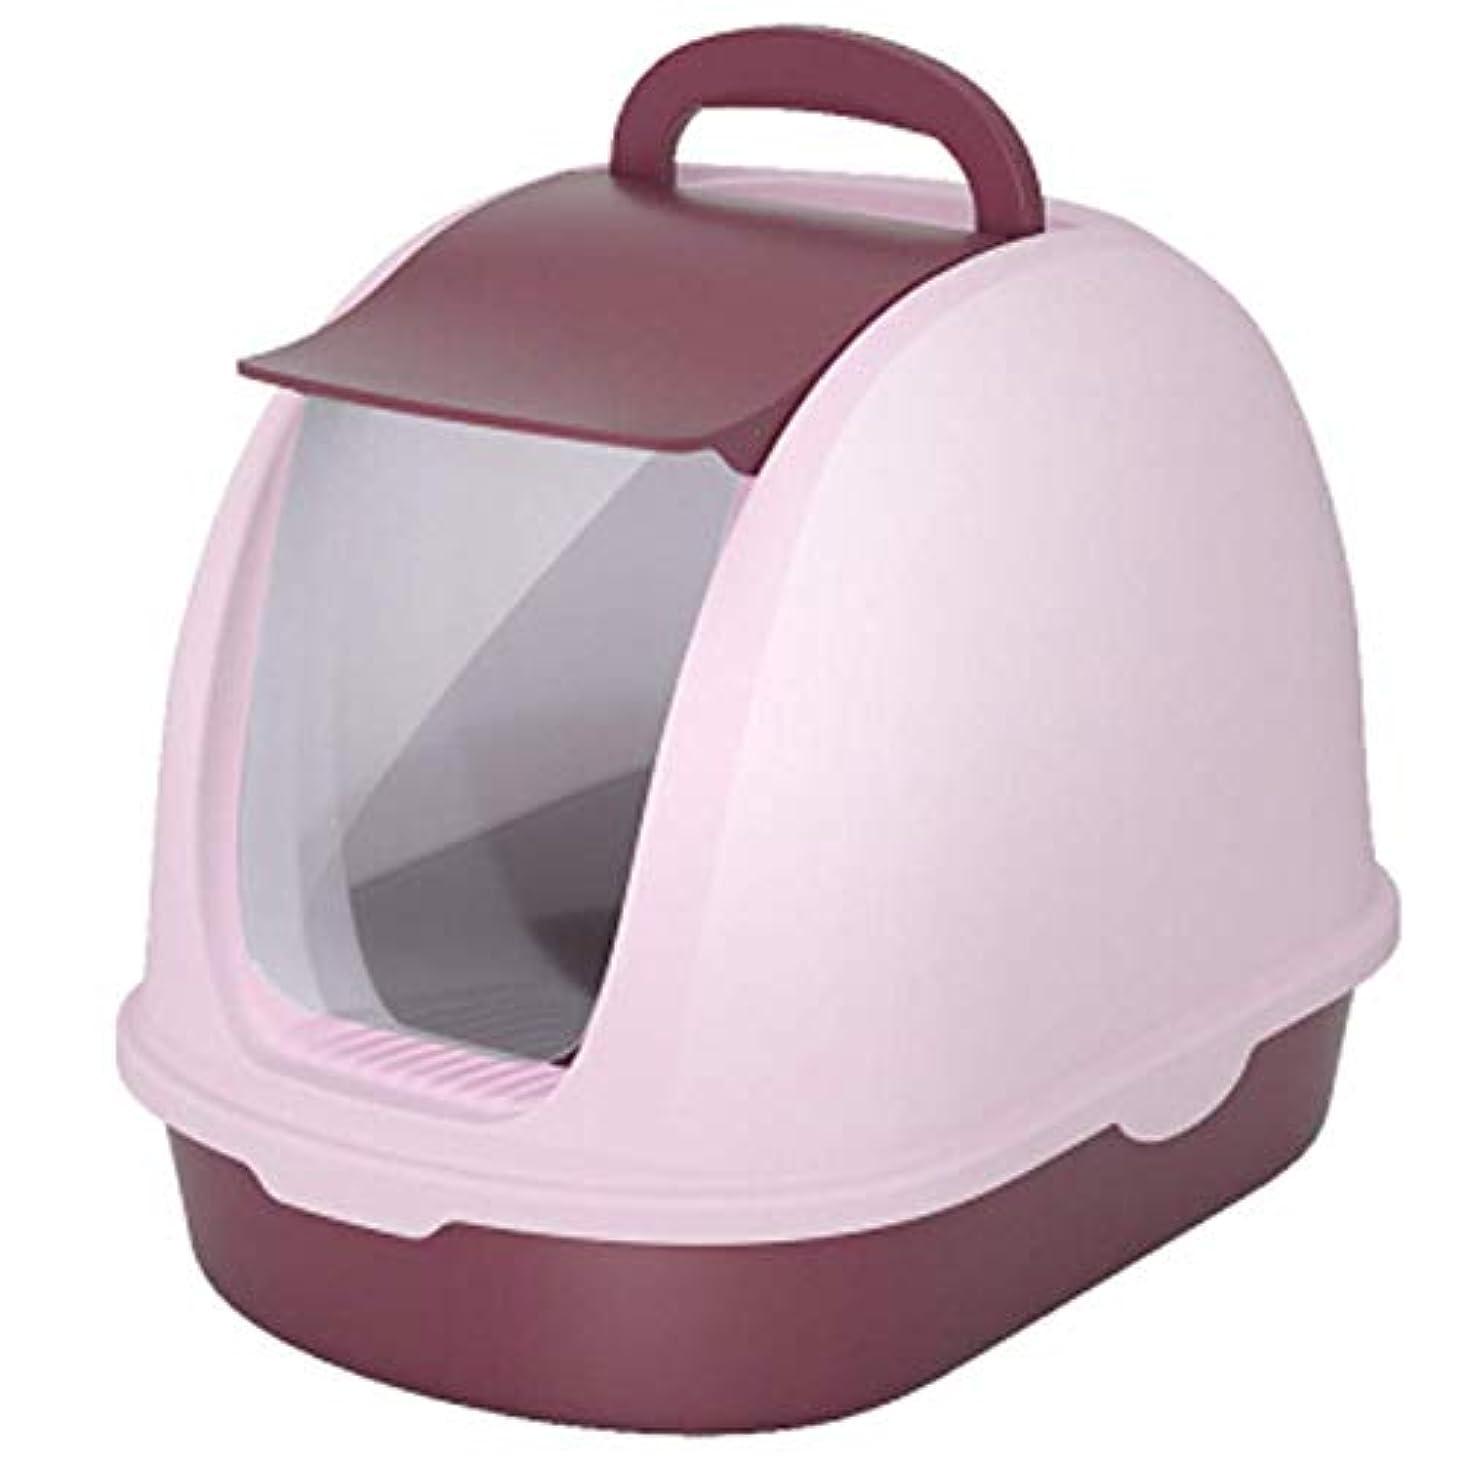 かけがえのないスコットランド人ゴージャスペット特大ごみボックス、猫フリップごみトレイ、56×39×36.5センチメートル、チャコールフィルターディープ(色:ブルー) ペット用品 (Color : Pink)